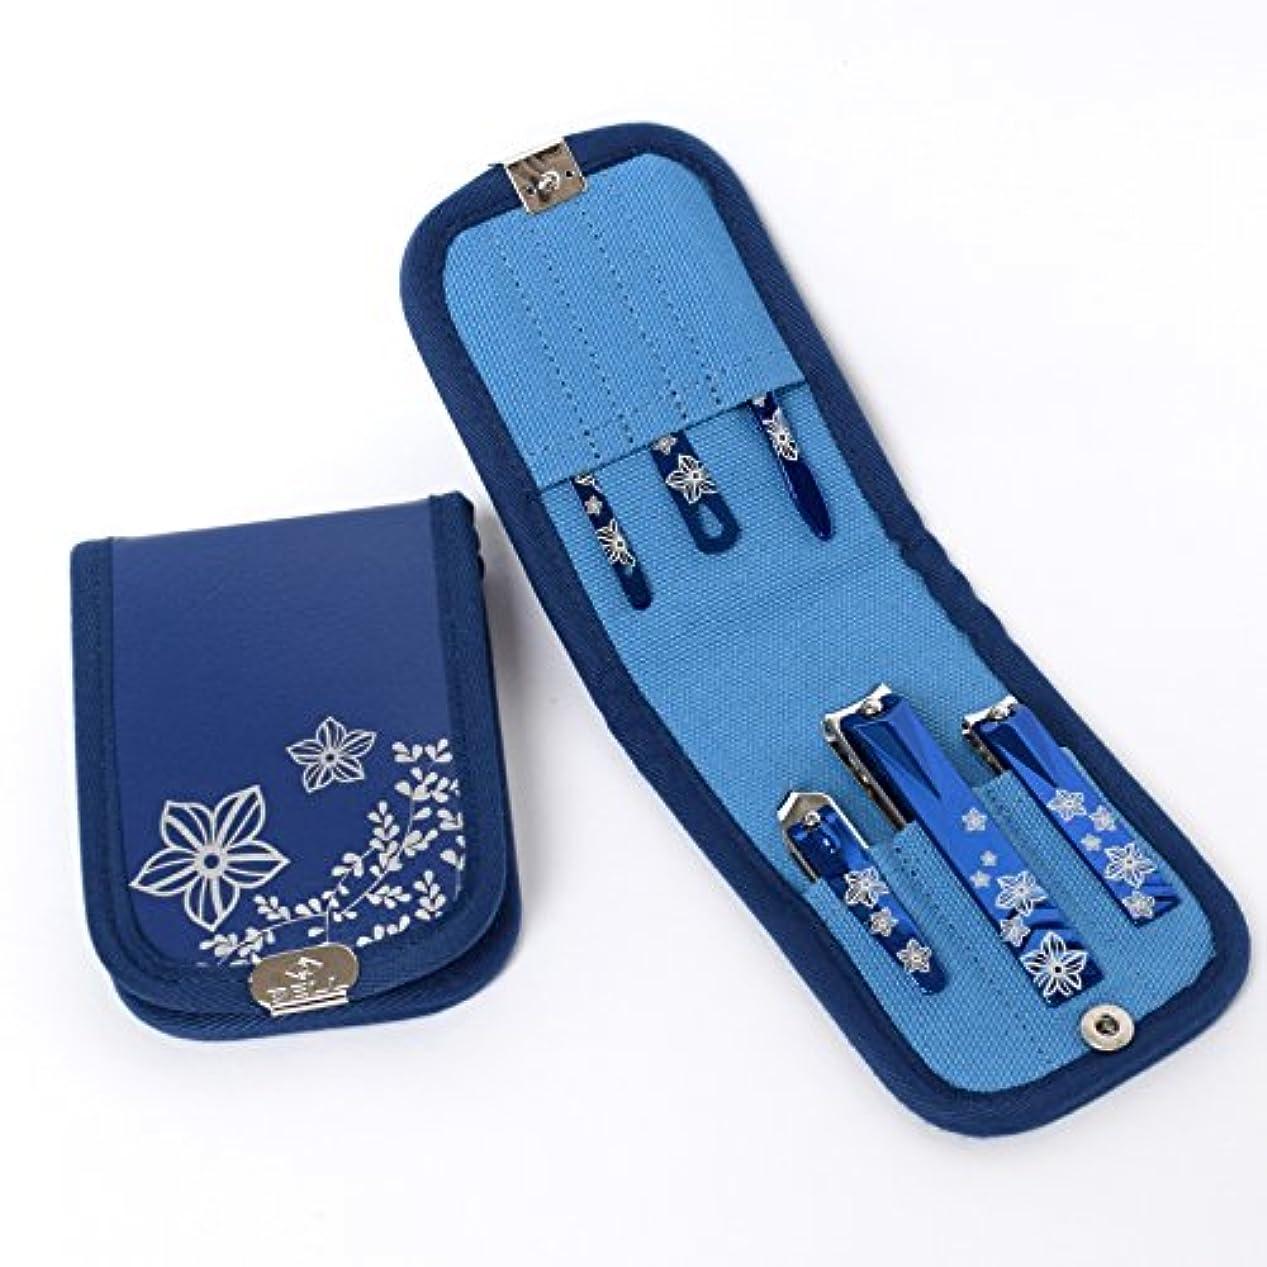 滞在建物抹消BELL Manicure Sets BM-360 ポータブル爪の管理セット 爪切りセット 高品質のネイルケアセット高級感のある東洋画のデザイン Portable Nail Clippers Nail Care Set